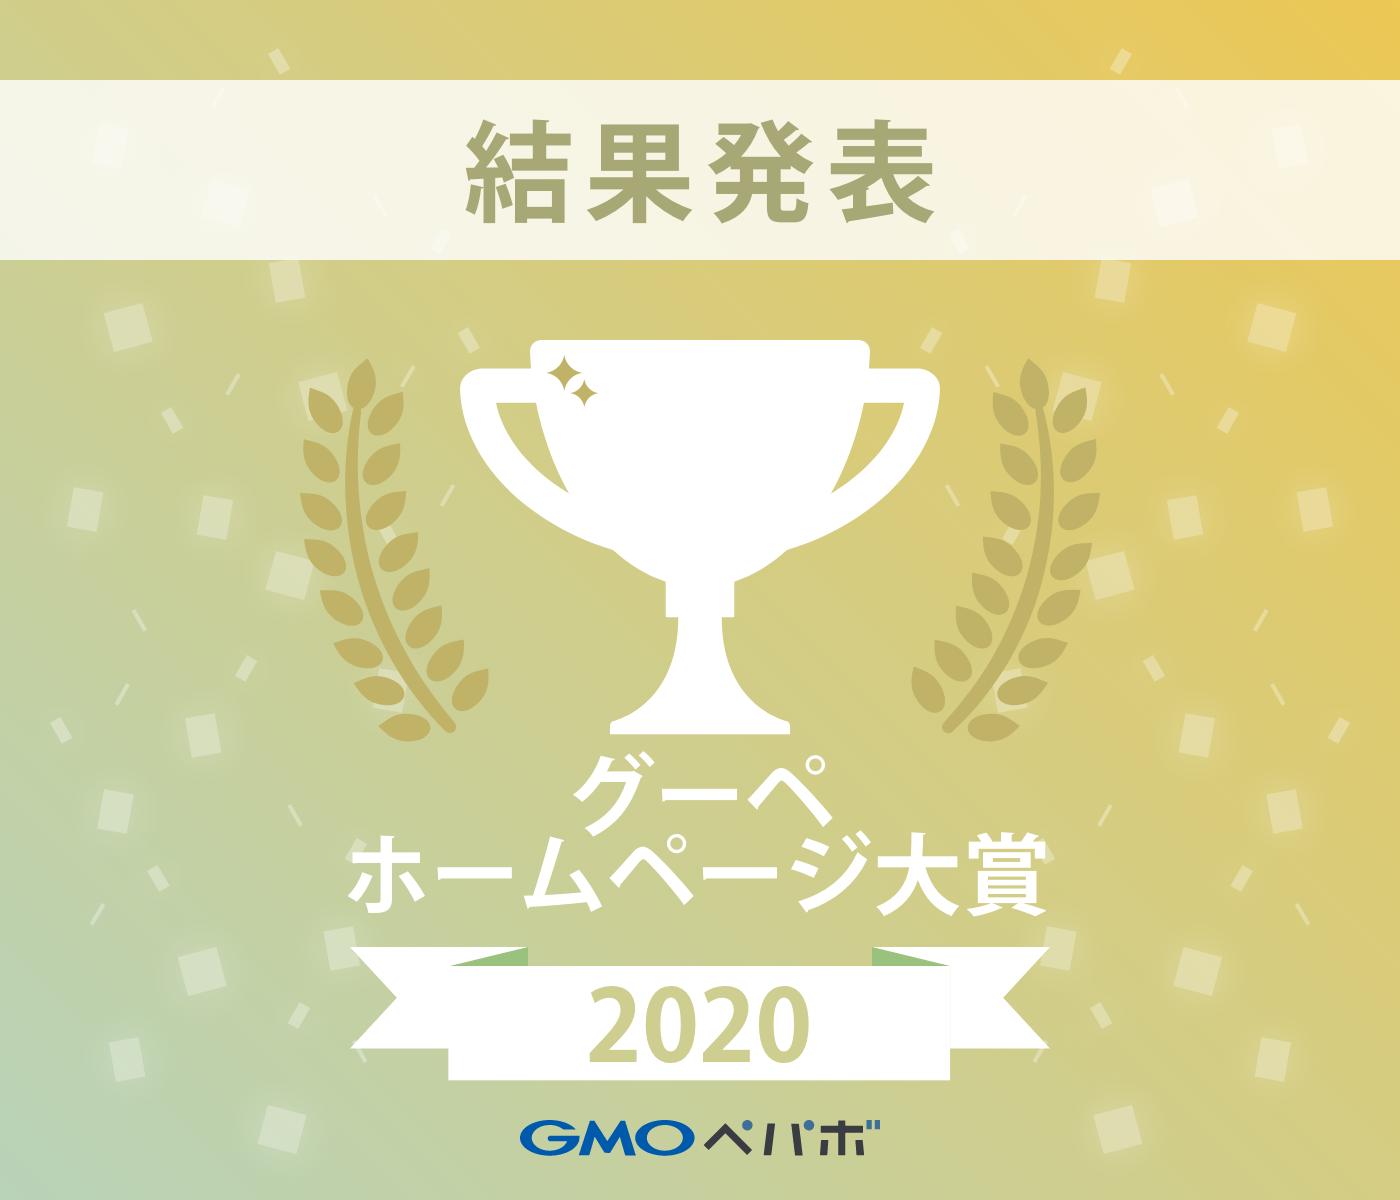 グーペ ホームページ大賞2020 結果発表